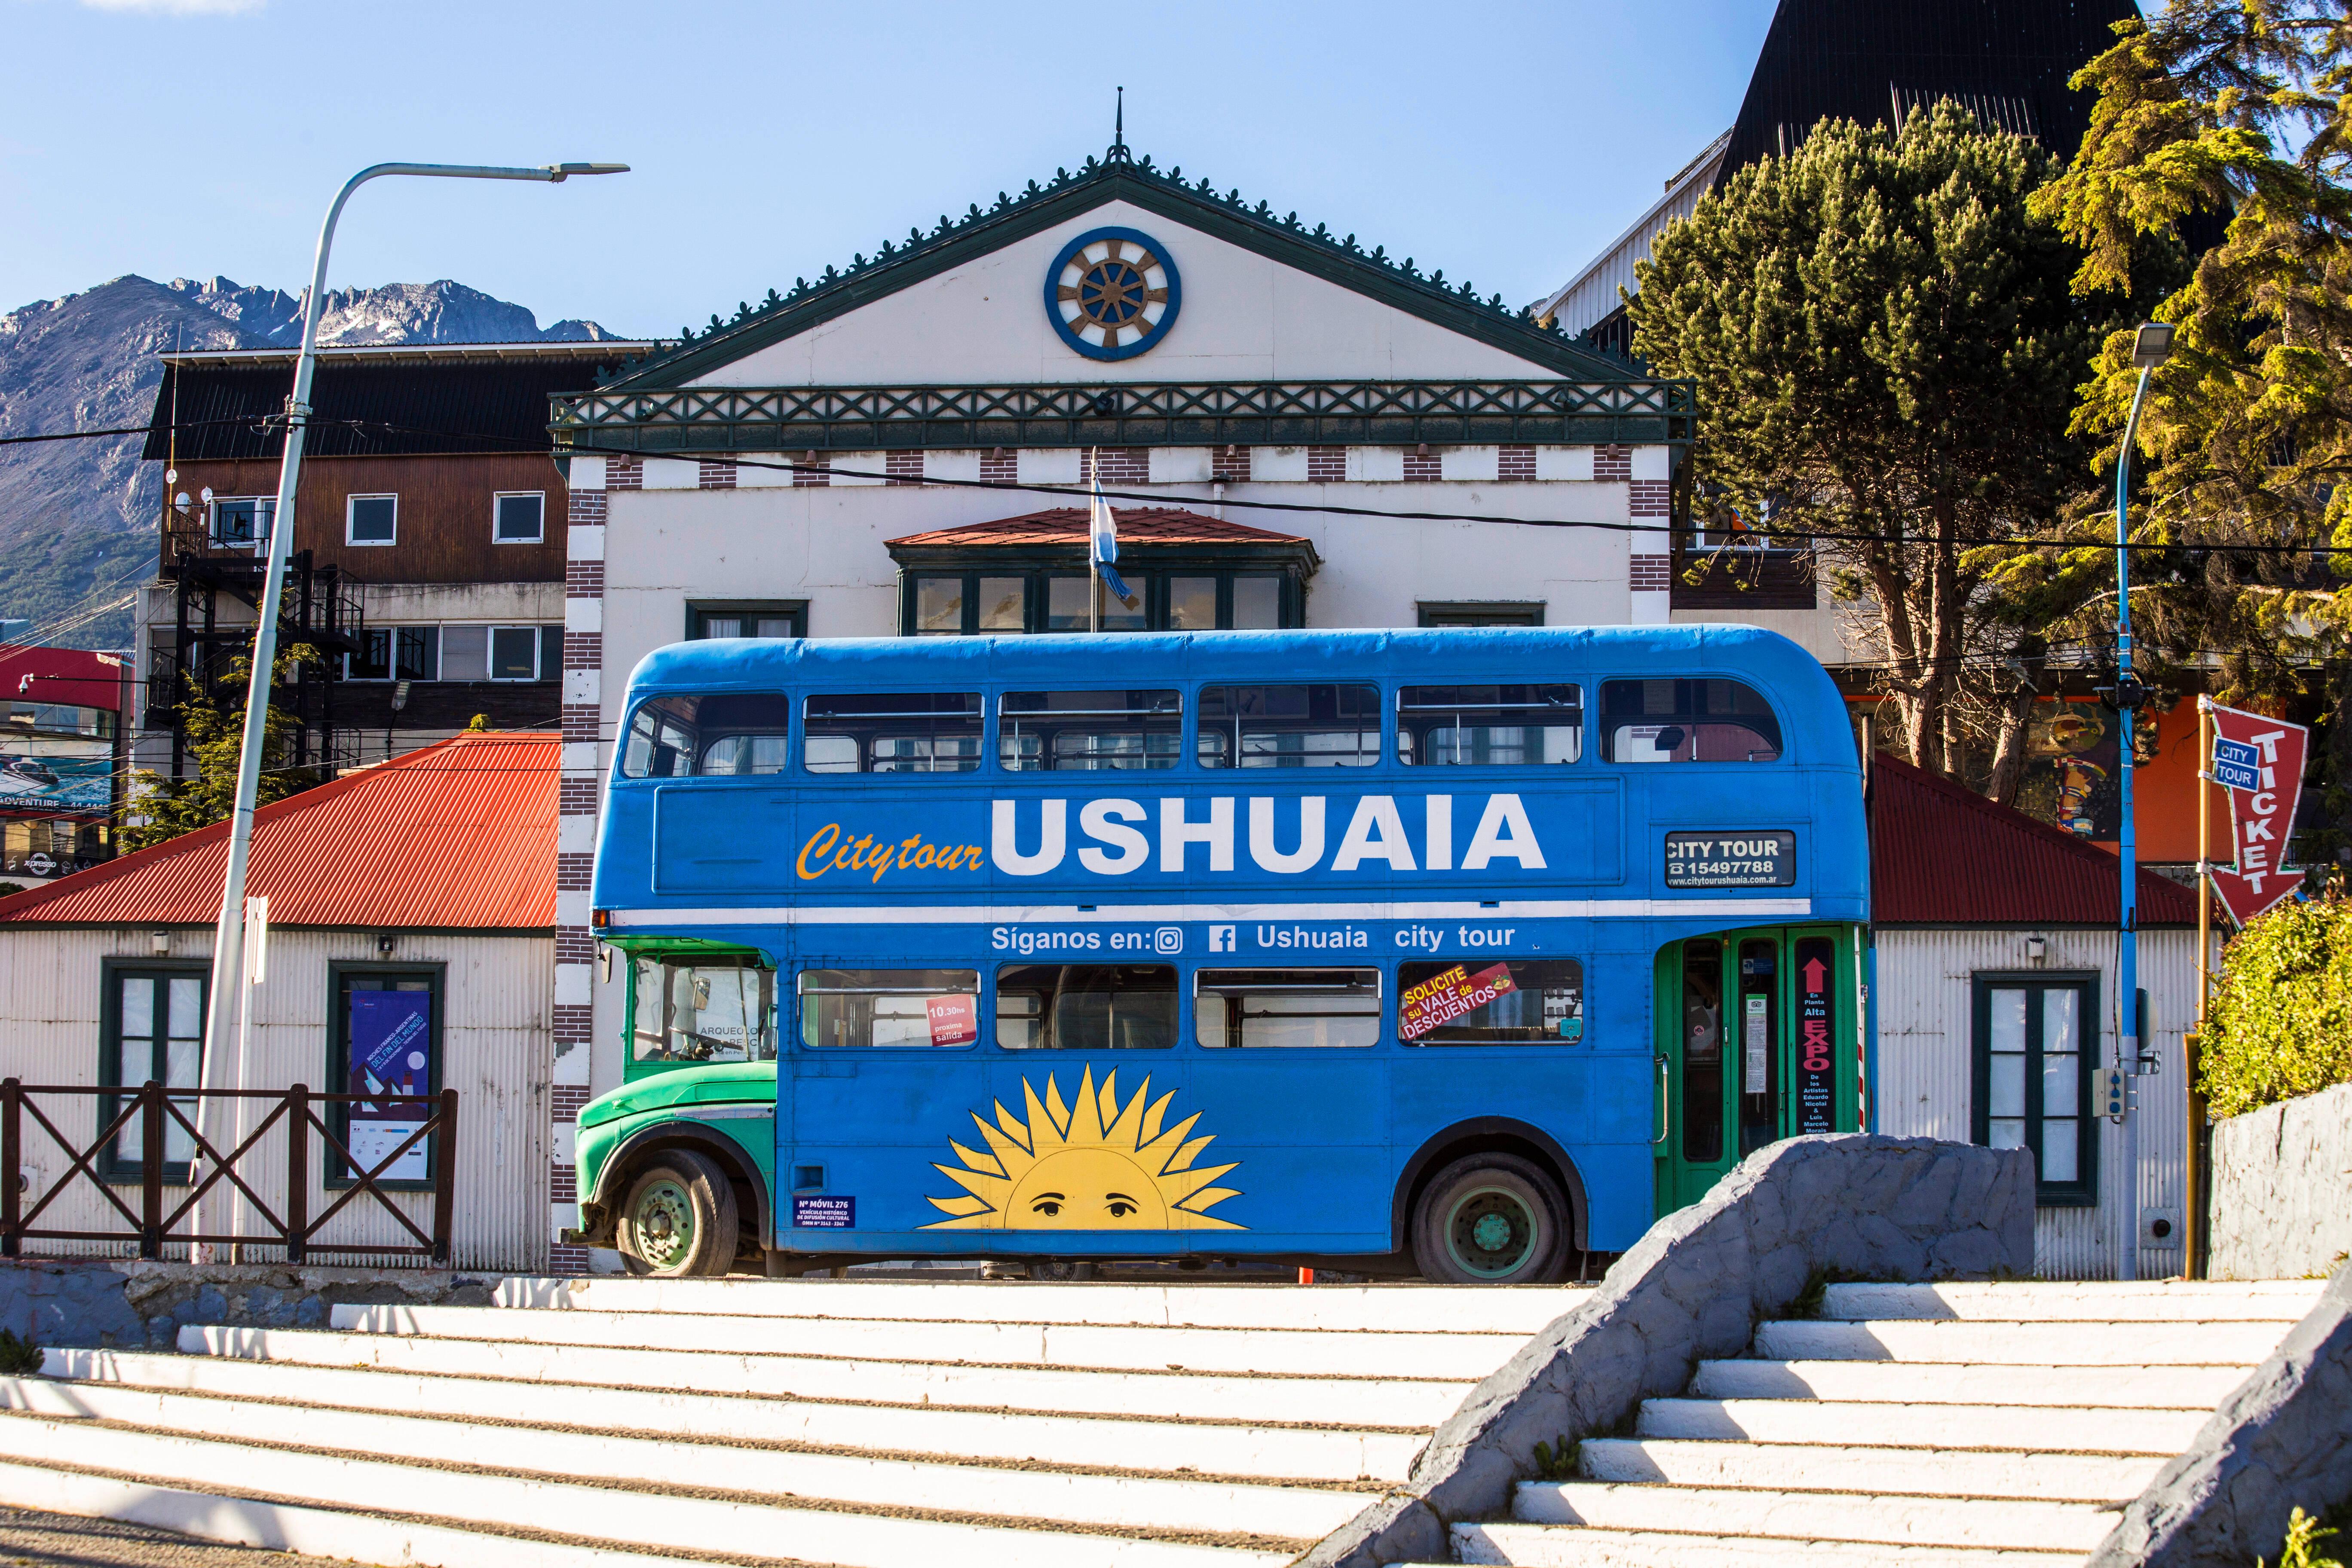 Em um ônibus à moda londrina, você pode fazer um tour pela cidade para conhecer a história de Ushuaia. Foto: shutterstock